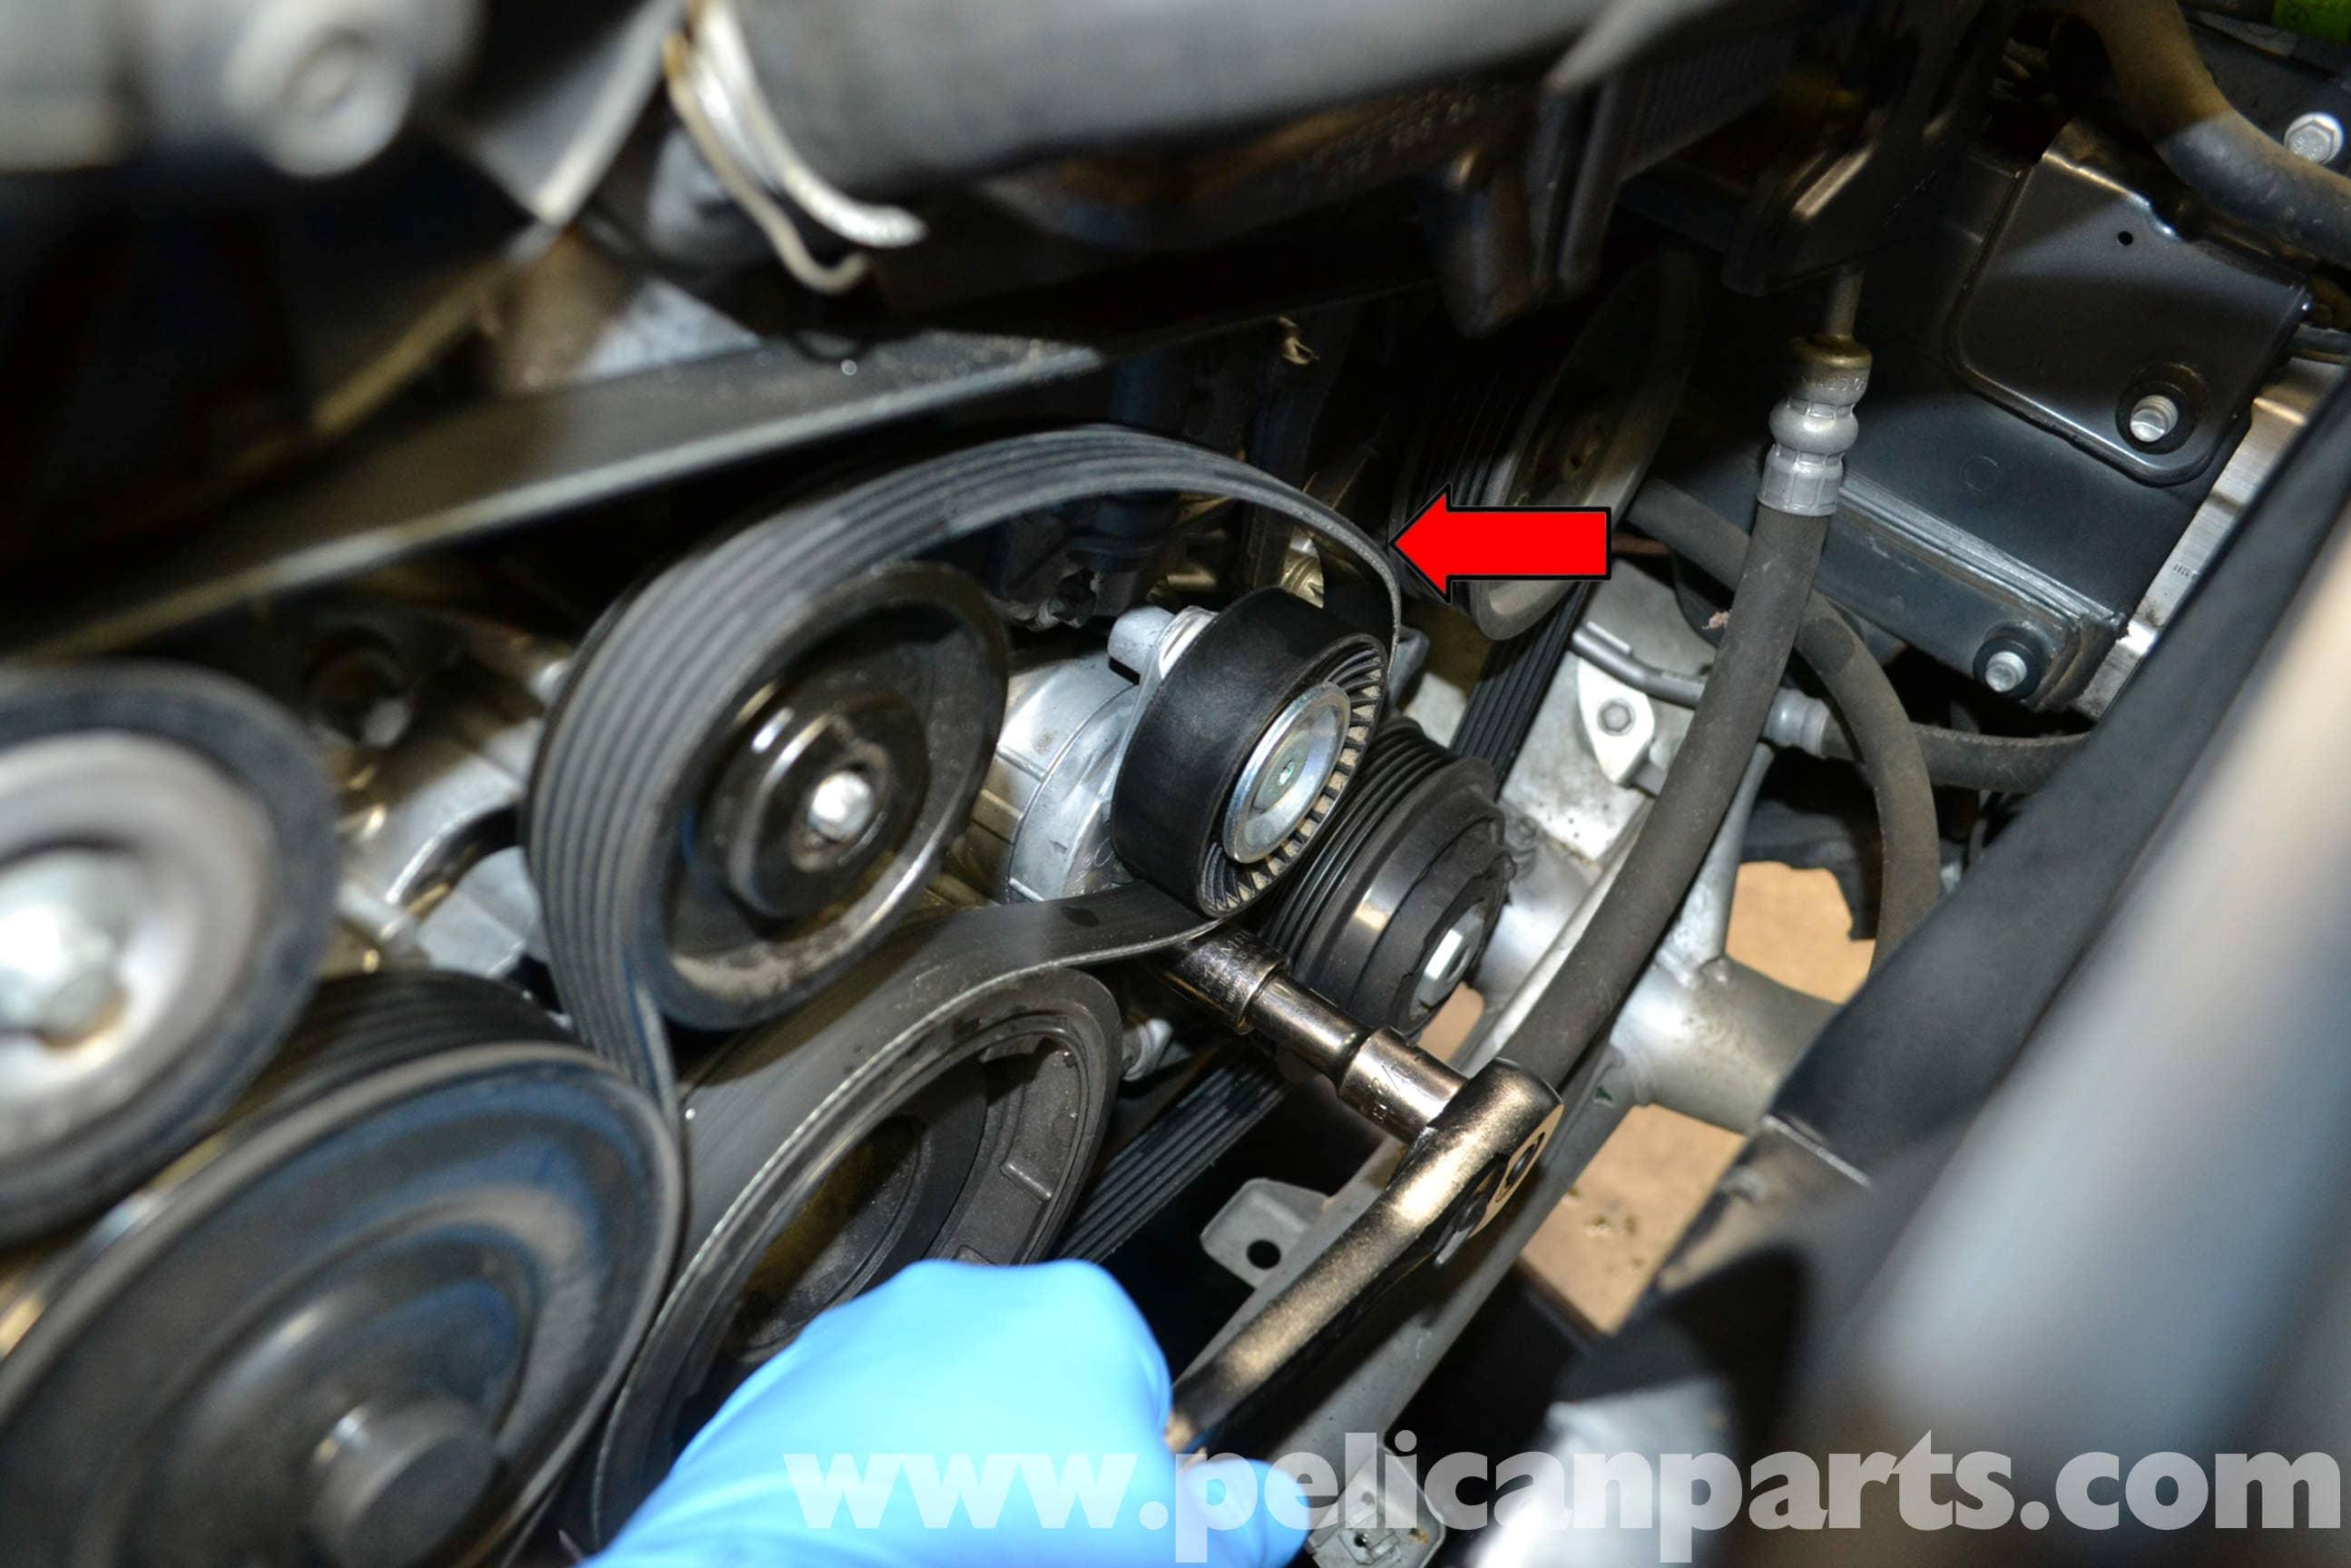 c300 mercedes engine coolant diagram wiring diagram Mercedes C240 Engine Diagram c300 mercedes engine coolant diagram all wiring diagramc300 mercedes engine coolant diagram 4